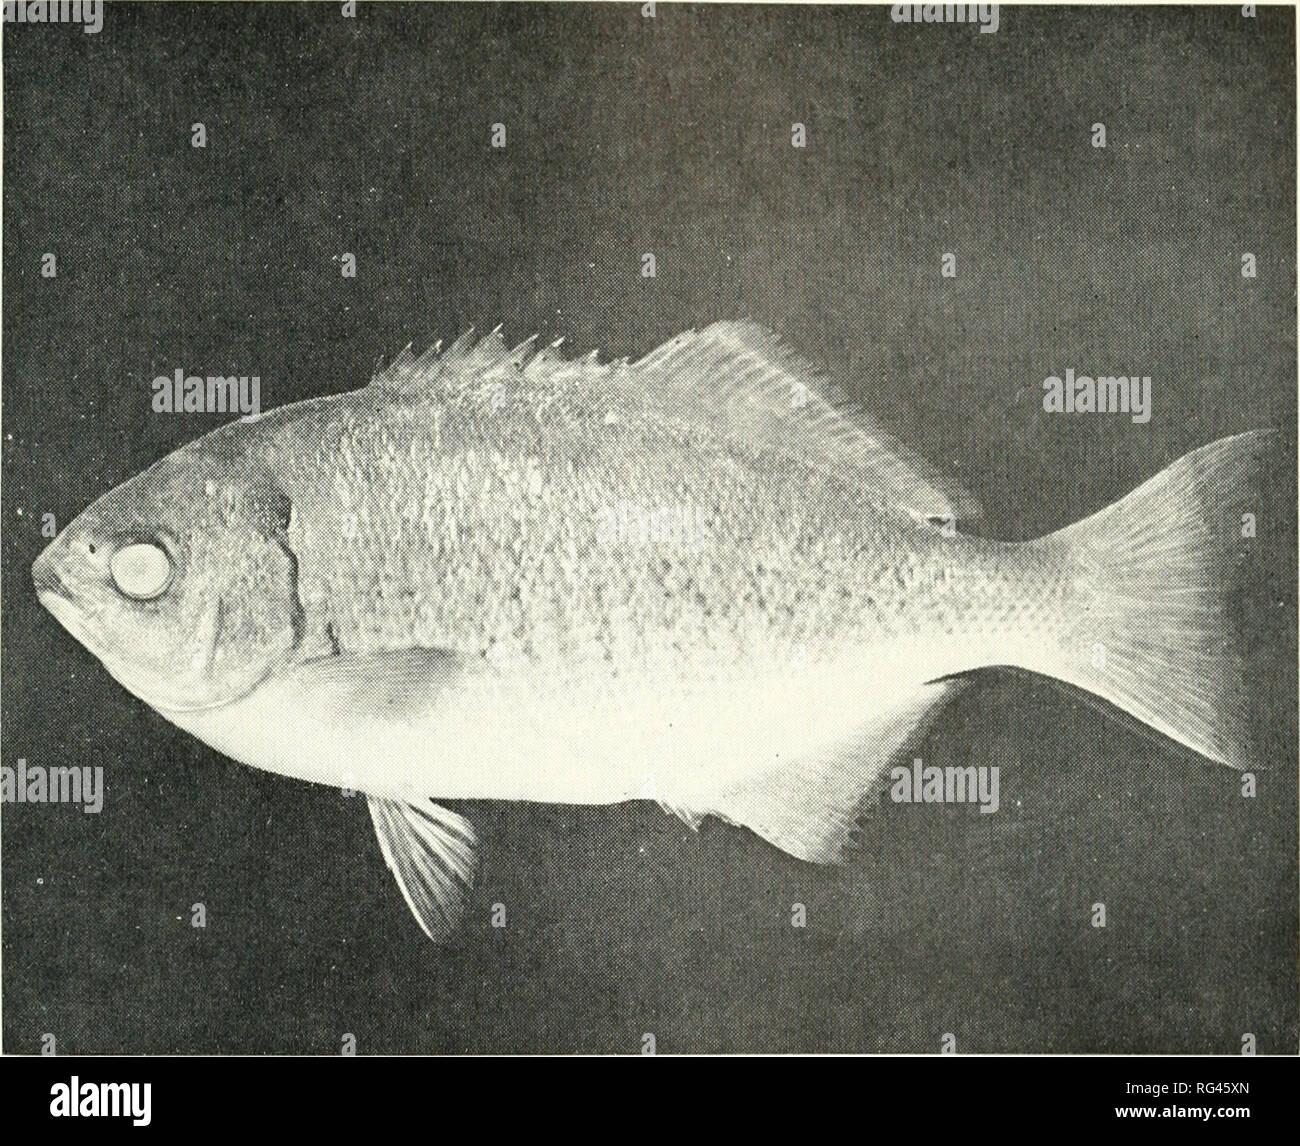 Medialuna Fish